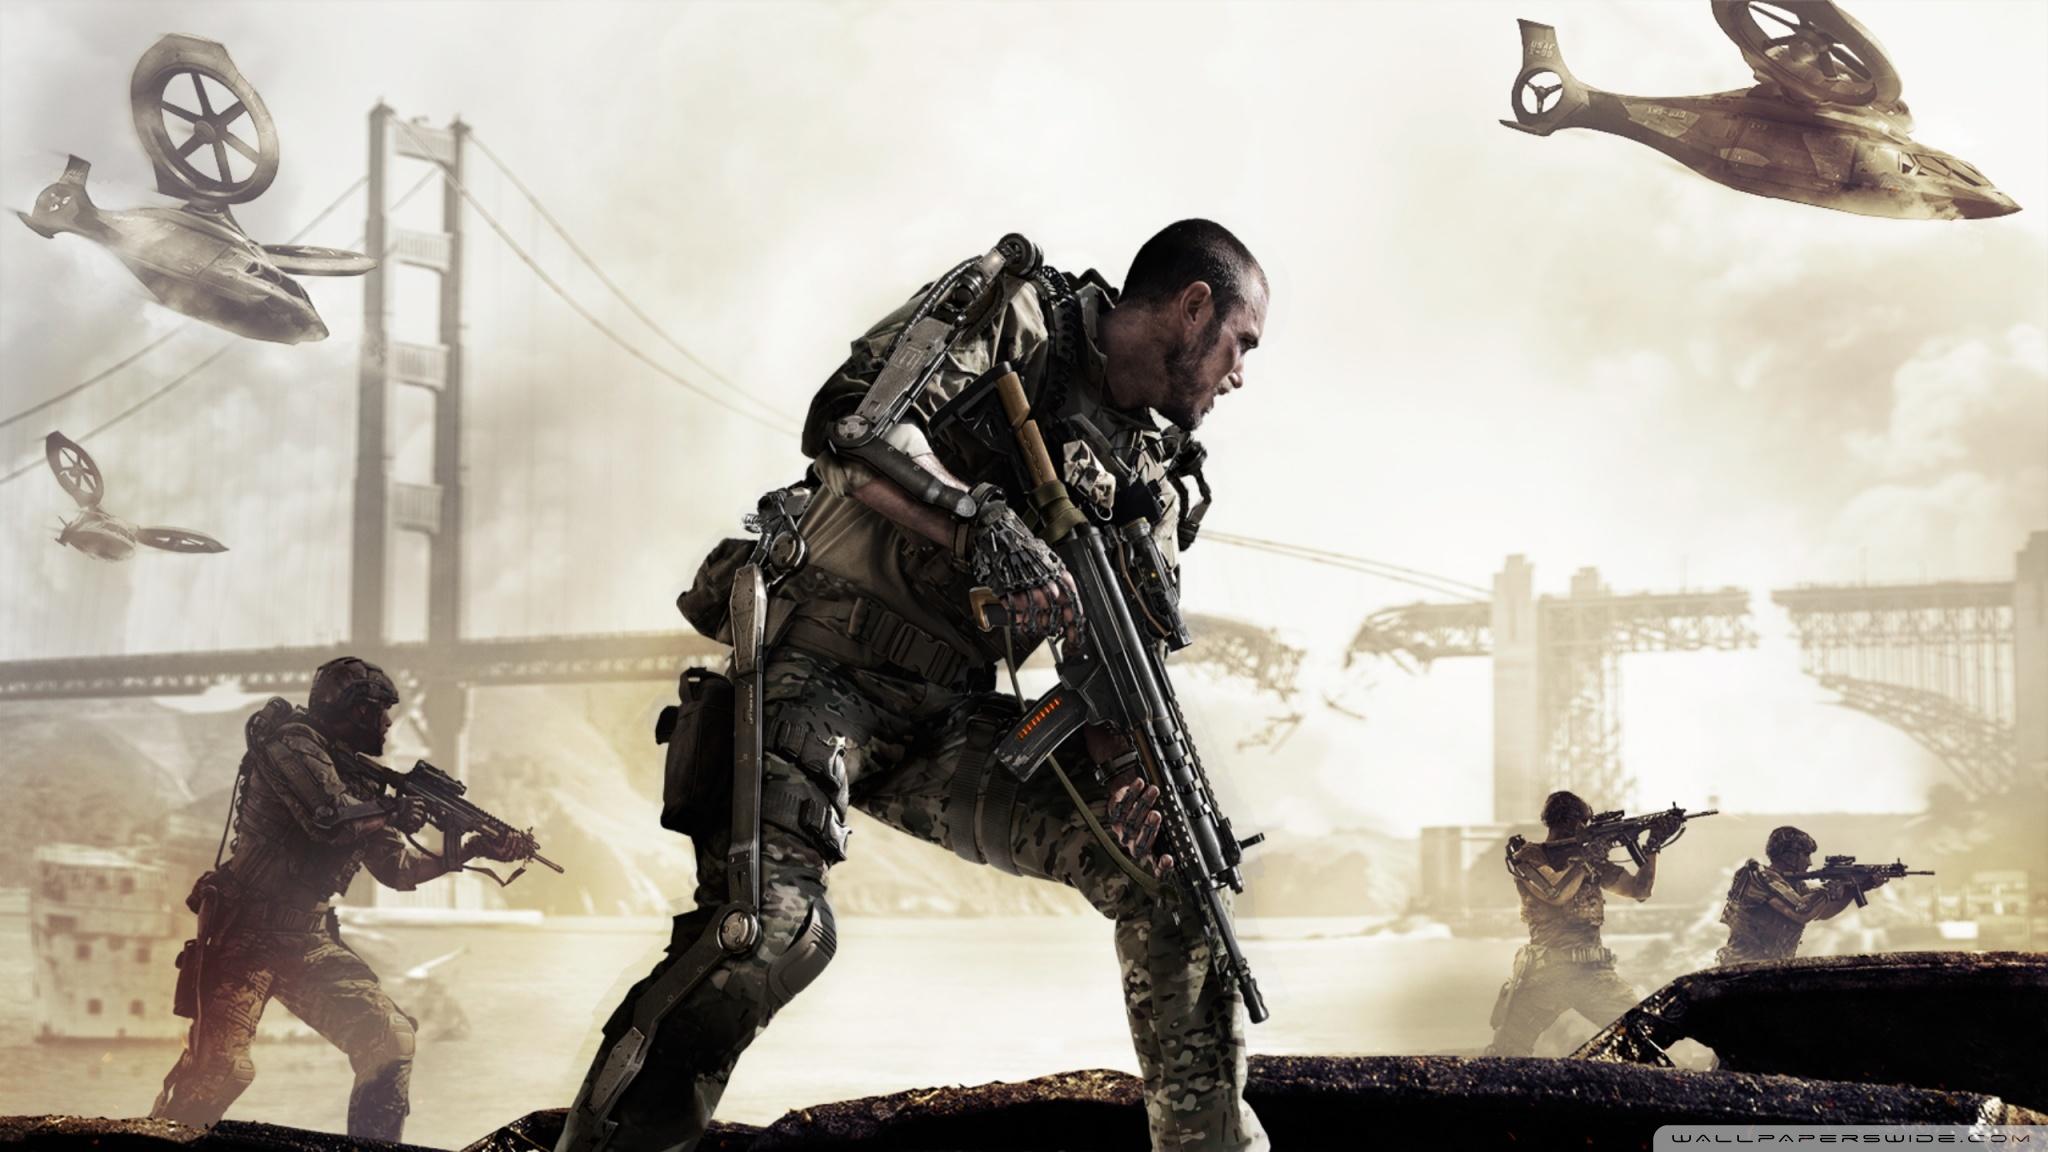 Free Download Call Of Duty Advanced Warfare 4k Hd Desktop